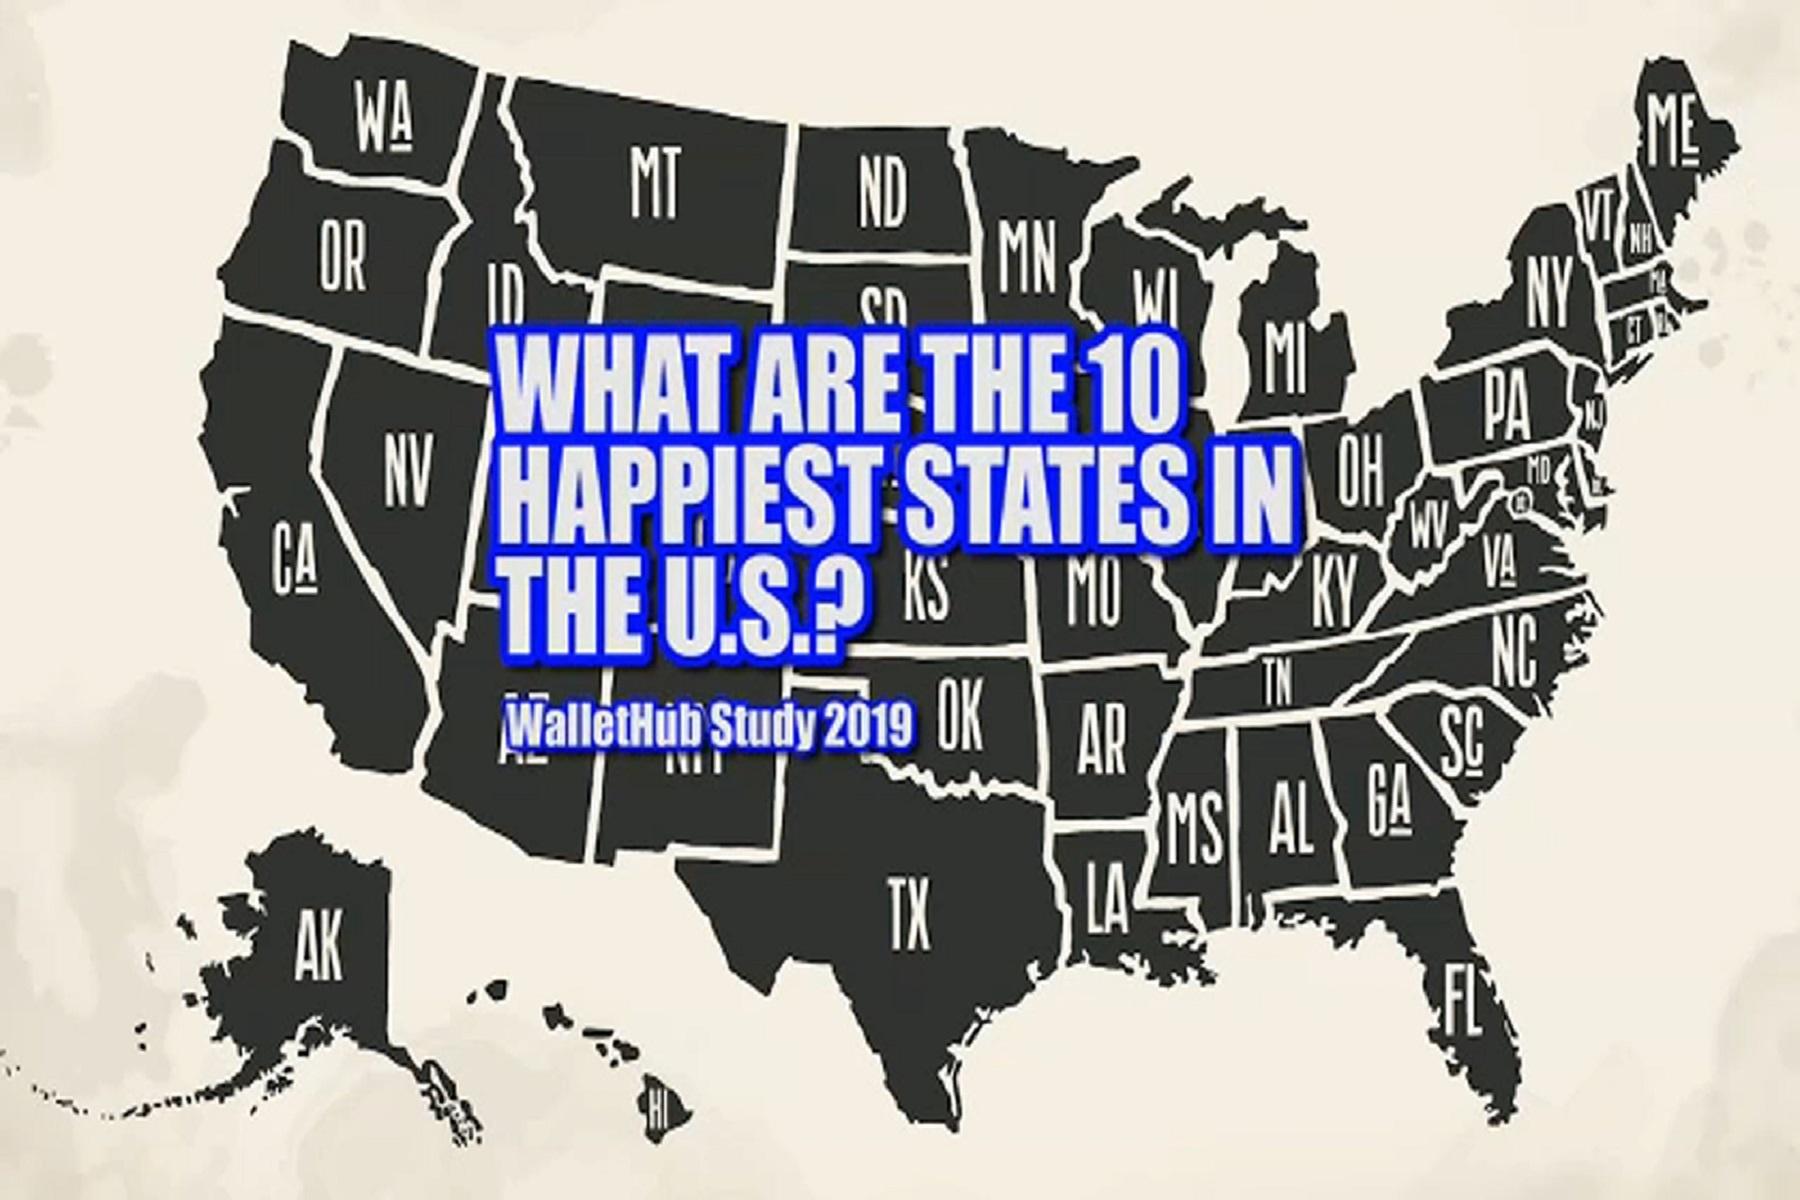 Ευτυχία ΗΠΑ: Αποκαλύφθηκαν οι πιο ευτυχισμένες πολιτείες με βάση 31 βασικούς δείκτες